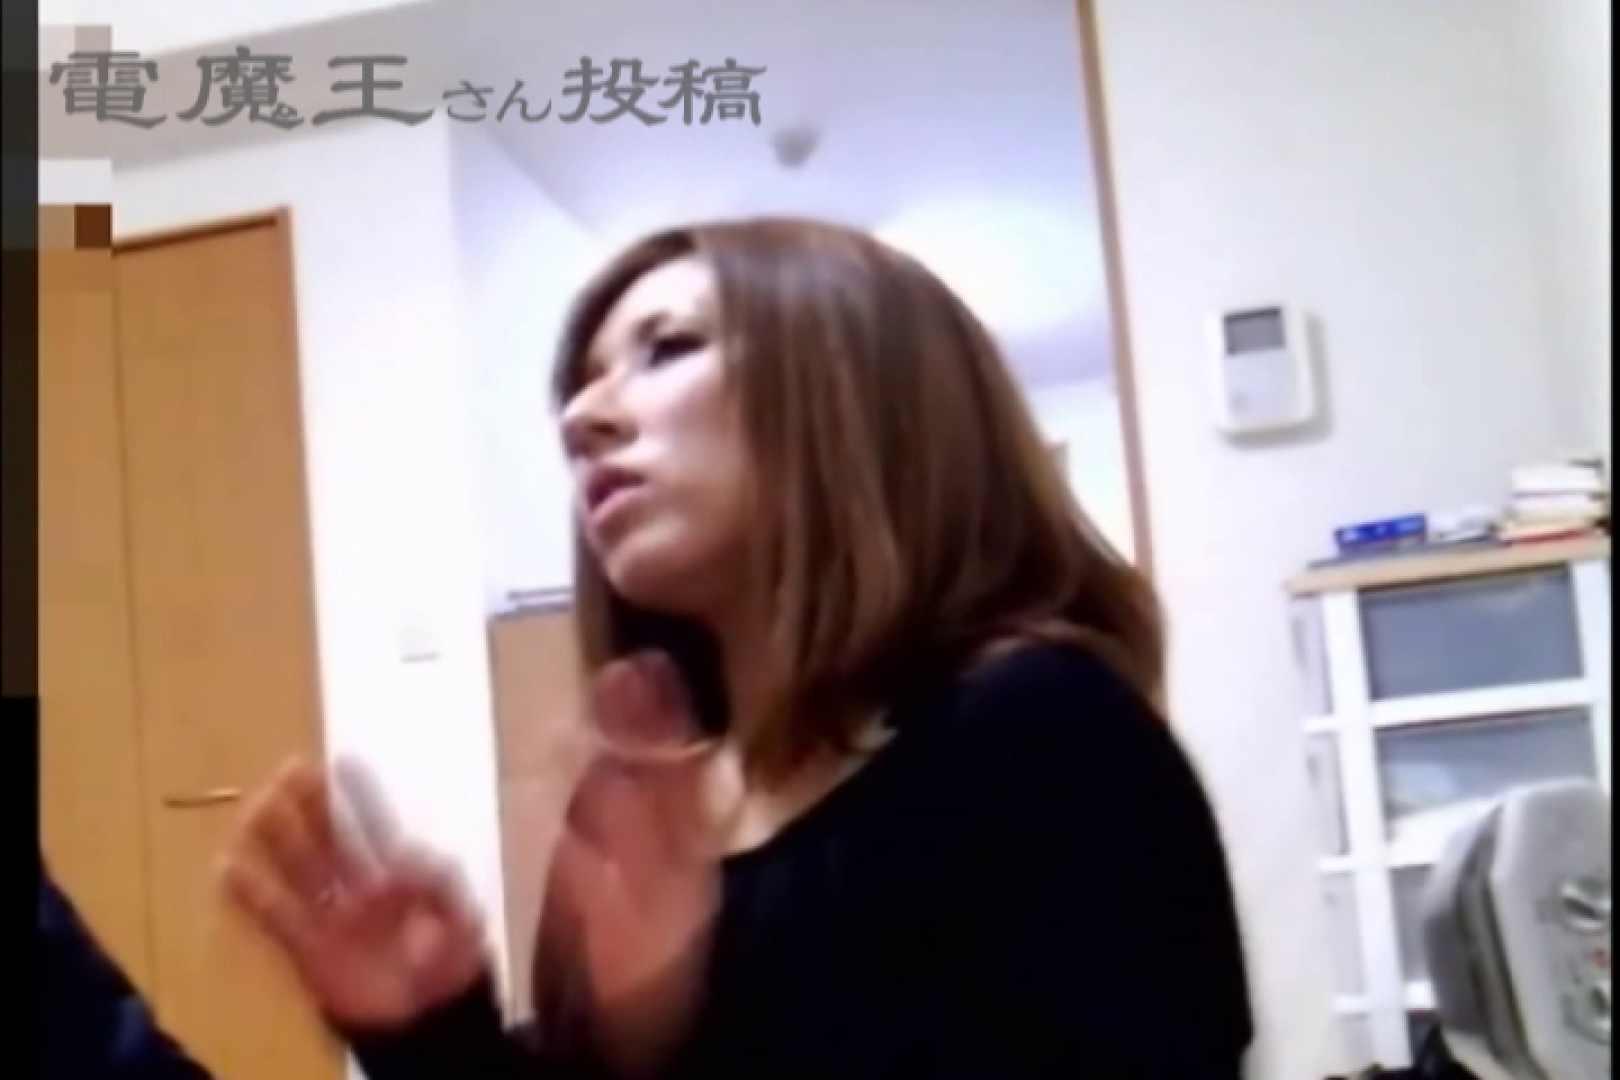 電魔王さんの「隠撮の部屋」ケイ 隠撮  86pic 12